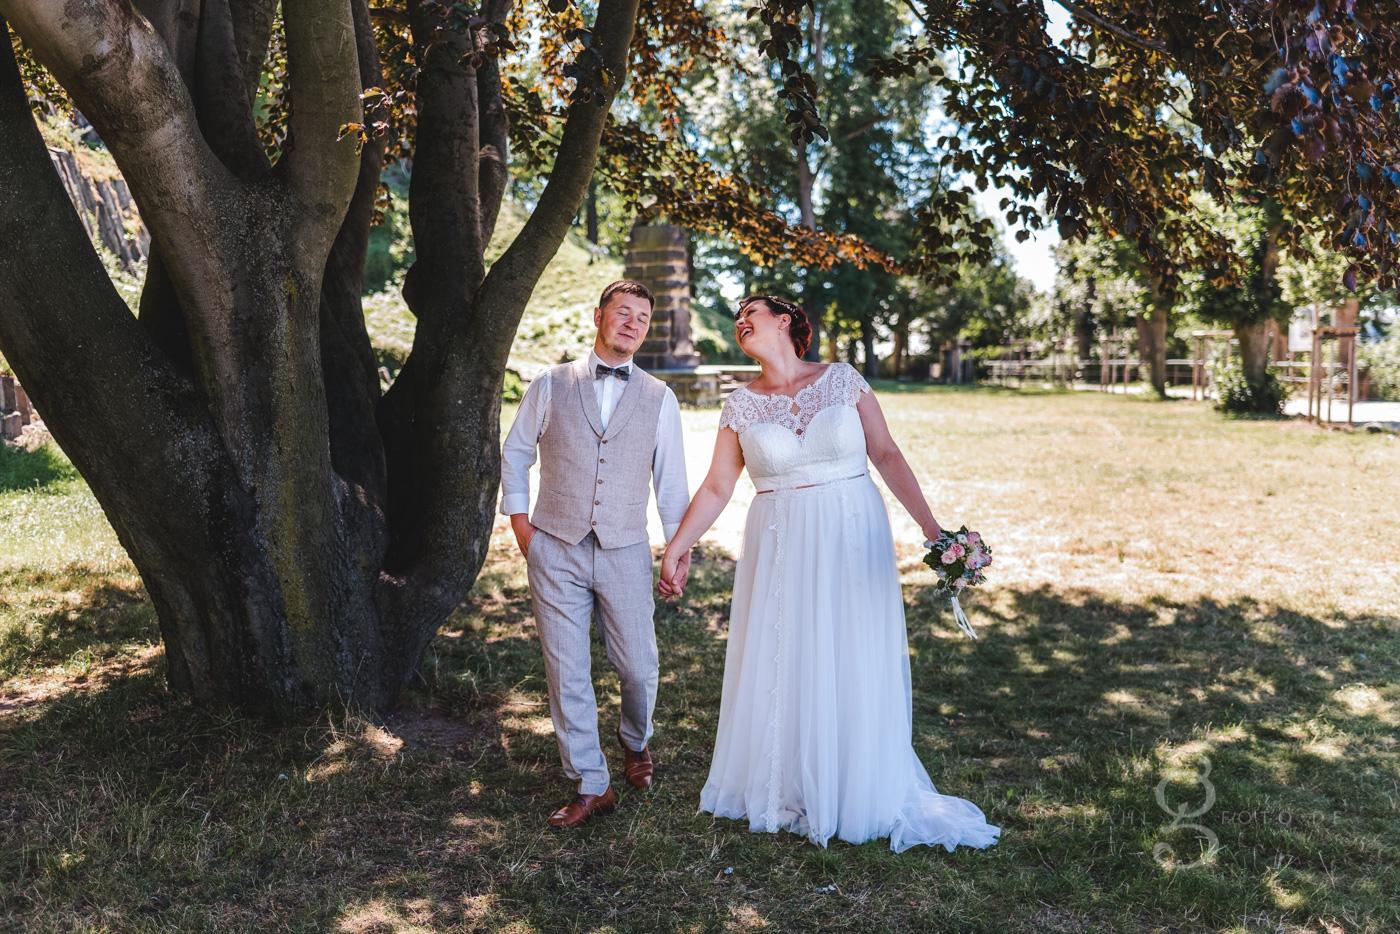 20200801_grahlfoto_unsere_Hochzeit_456_web